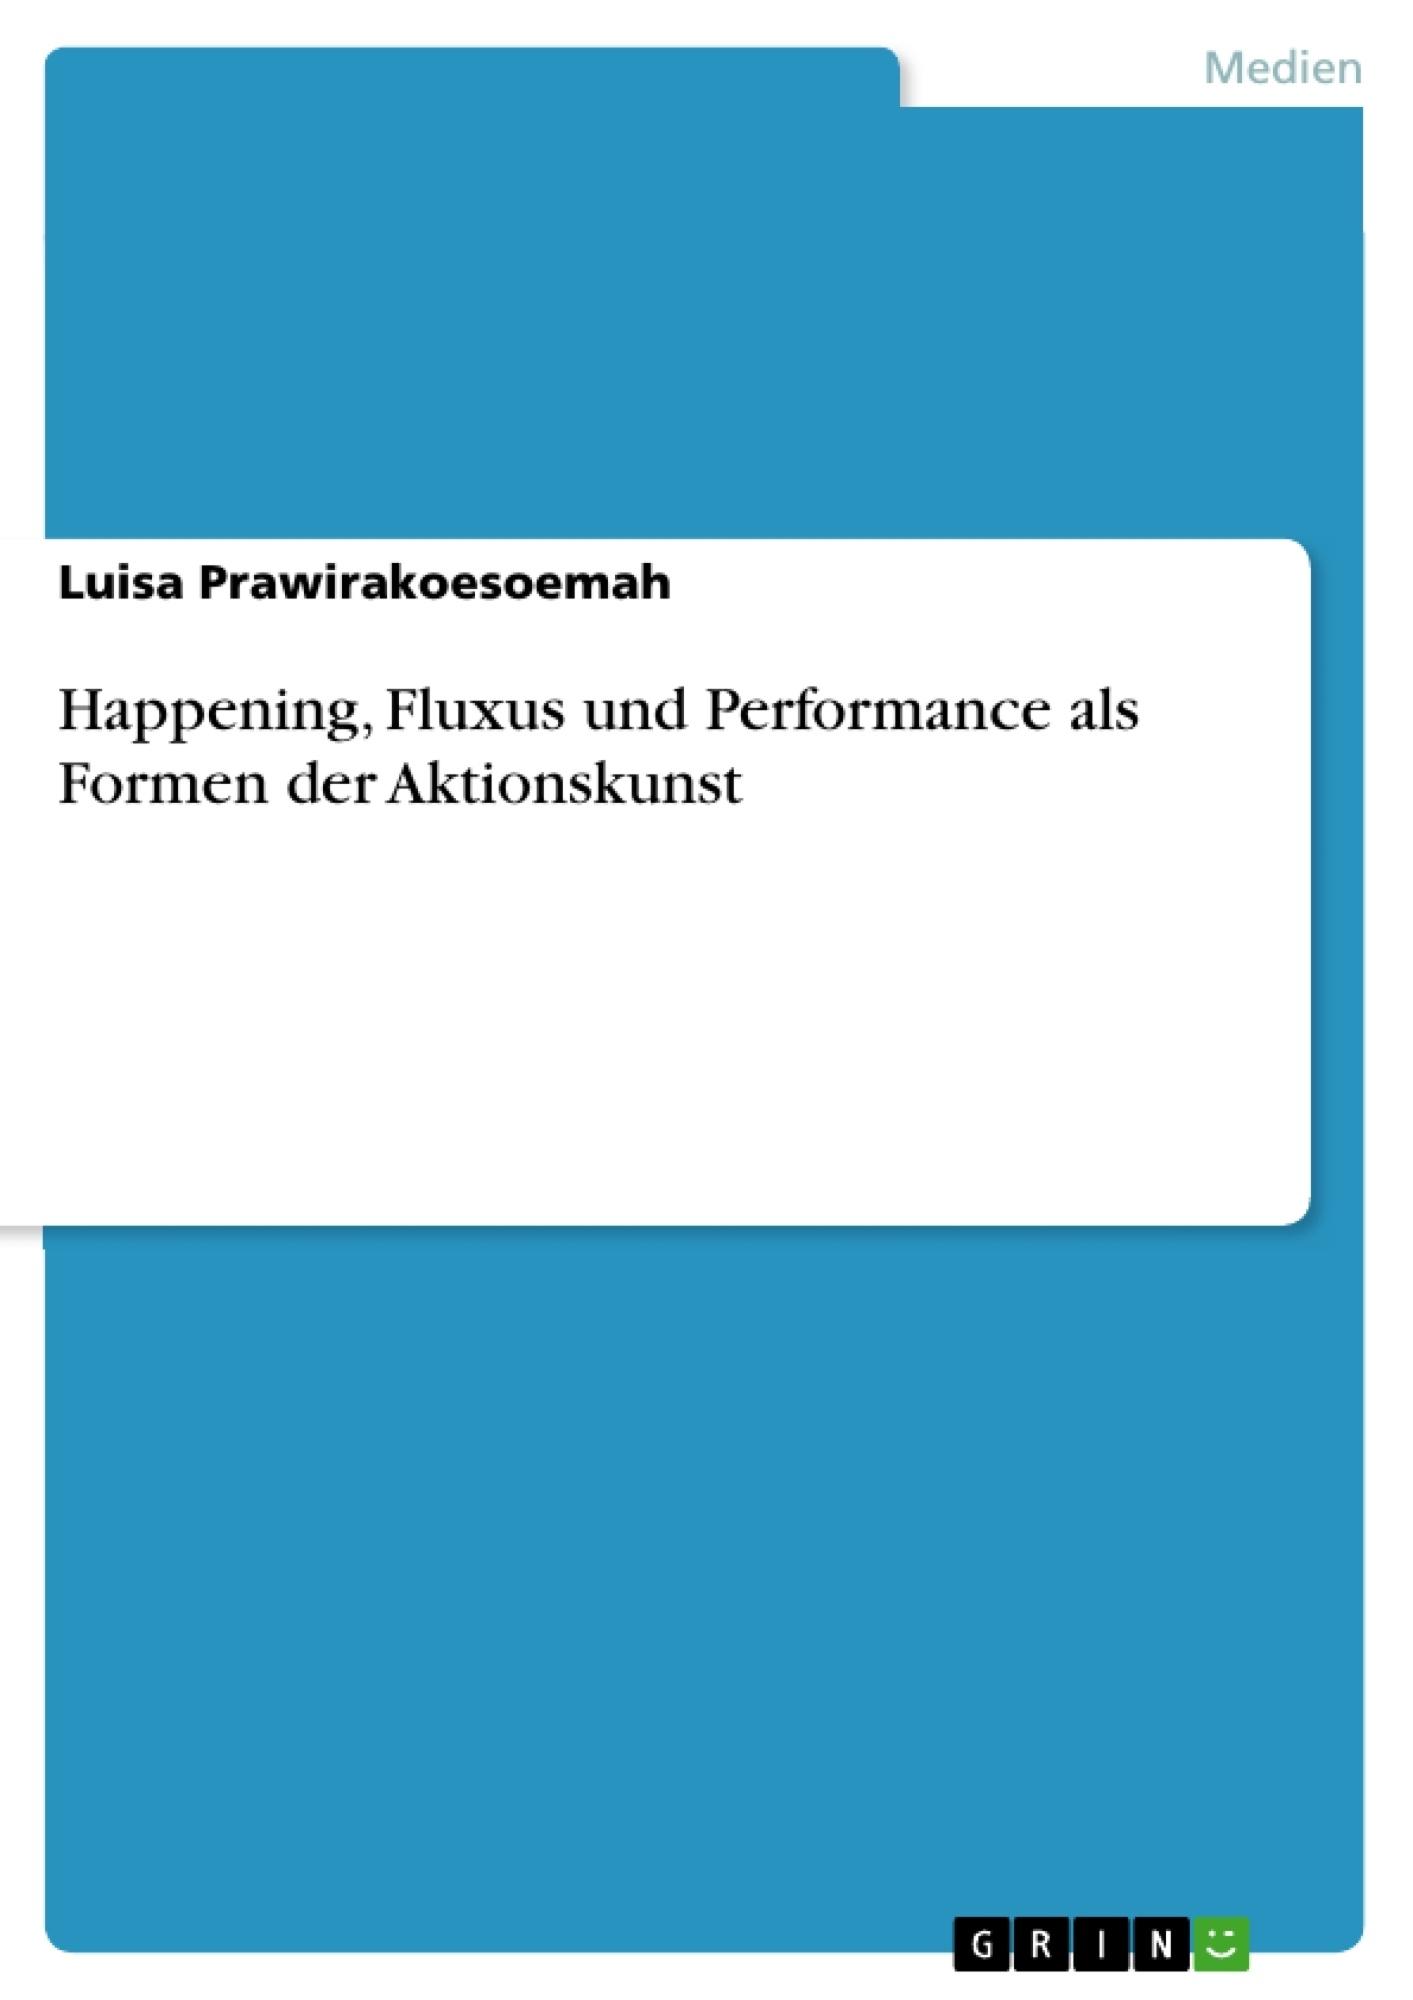 Titel: Happening, Fluxus und Performance als Formen der Aktionskunst